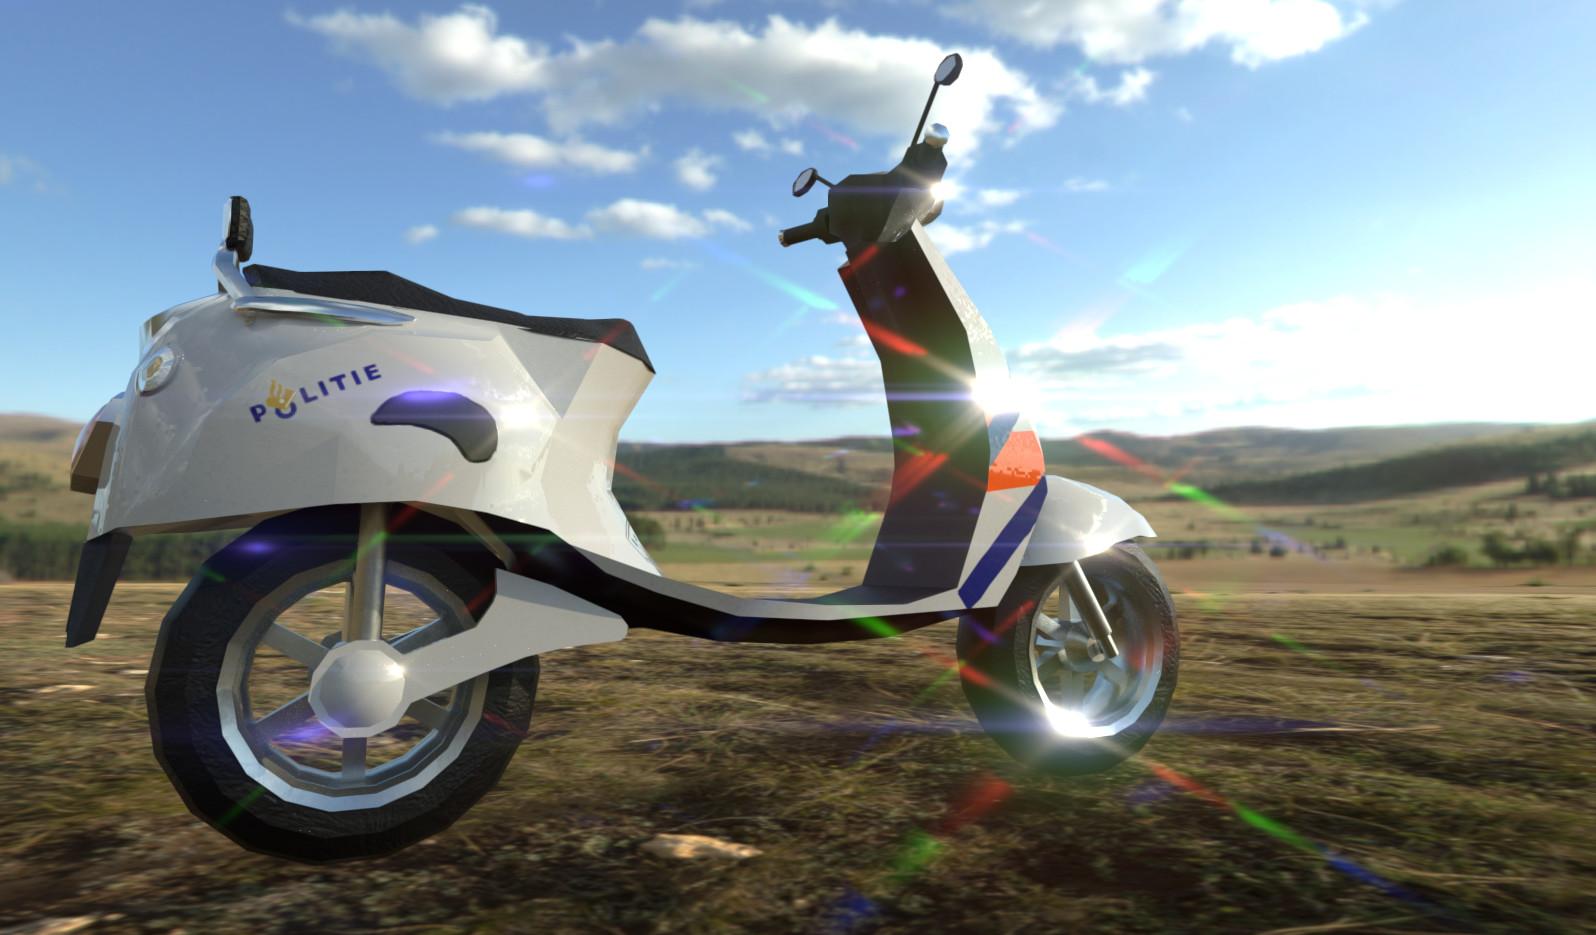 ArtStation - Police scooter, Thijs de Haas